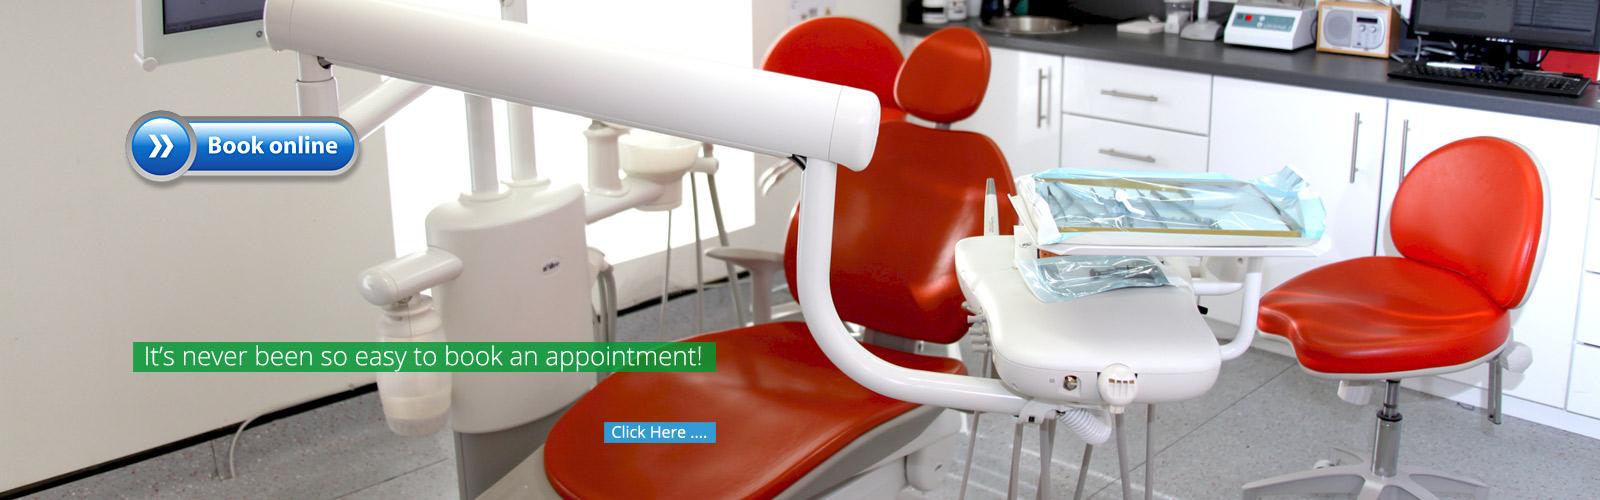 crossgar-dental-practice-book-online6-1600×500